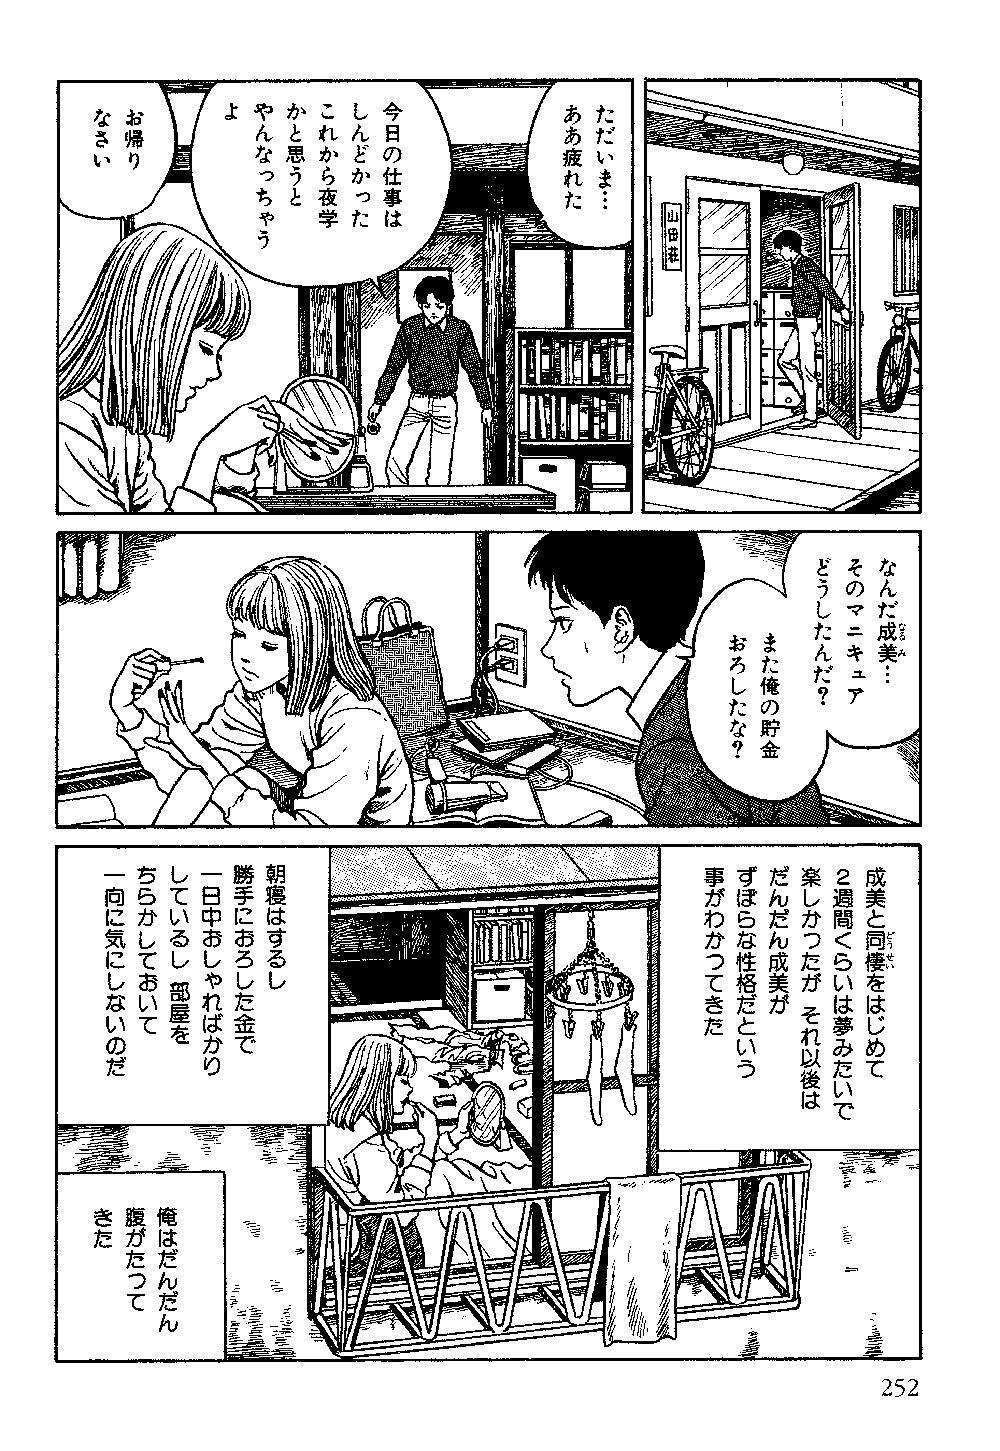 itouj_0004_0254.jpg